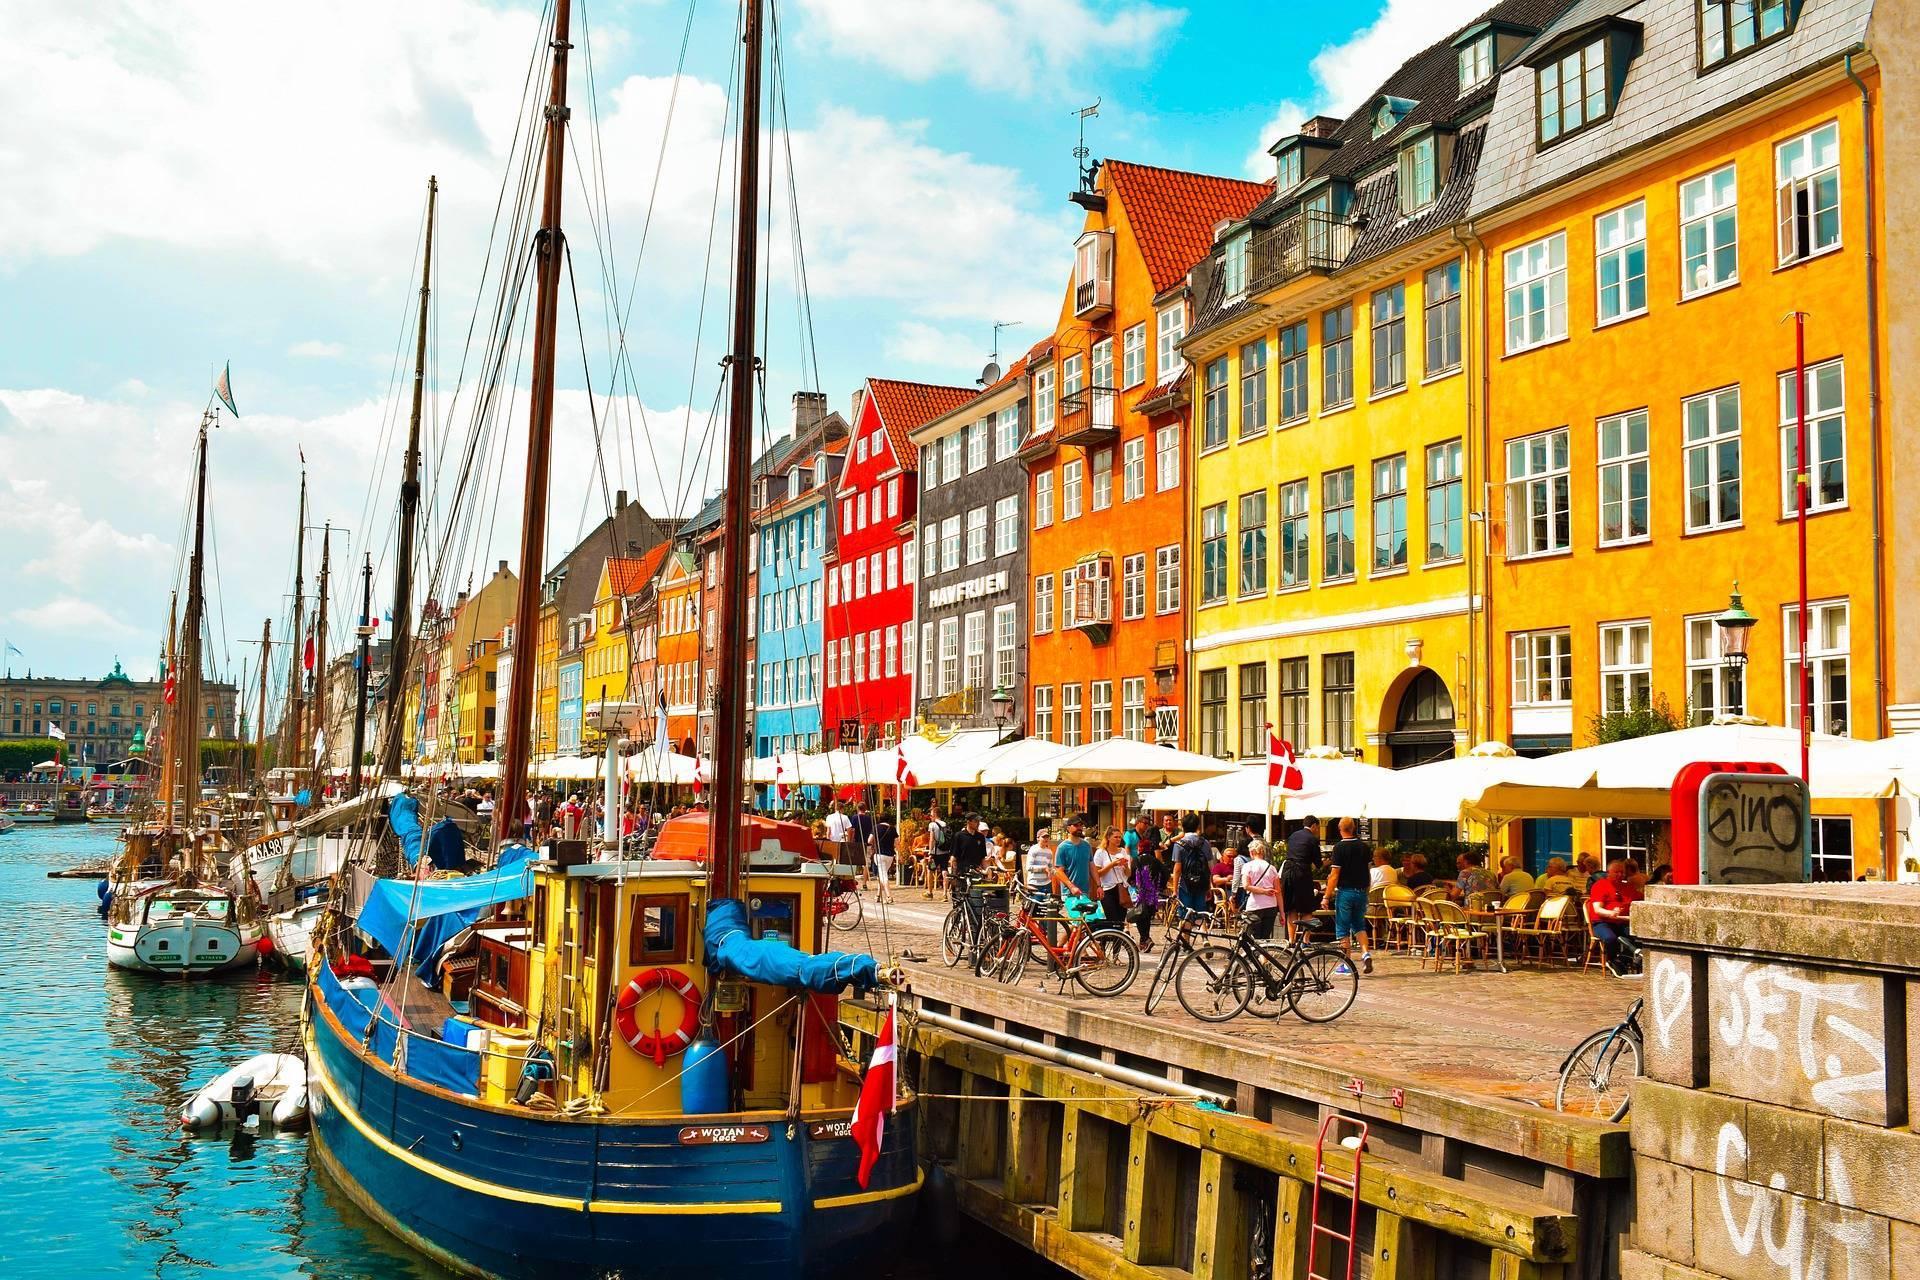 Danemarca, țara spre care tot mai mulți români încep să se reorienteze. Salariile pornesc de la 2.500 de euro